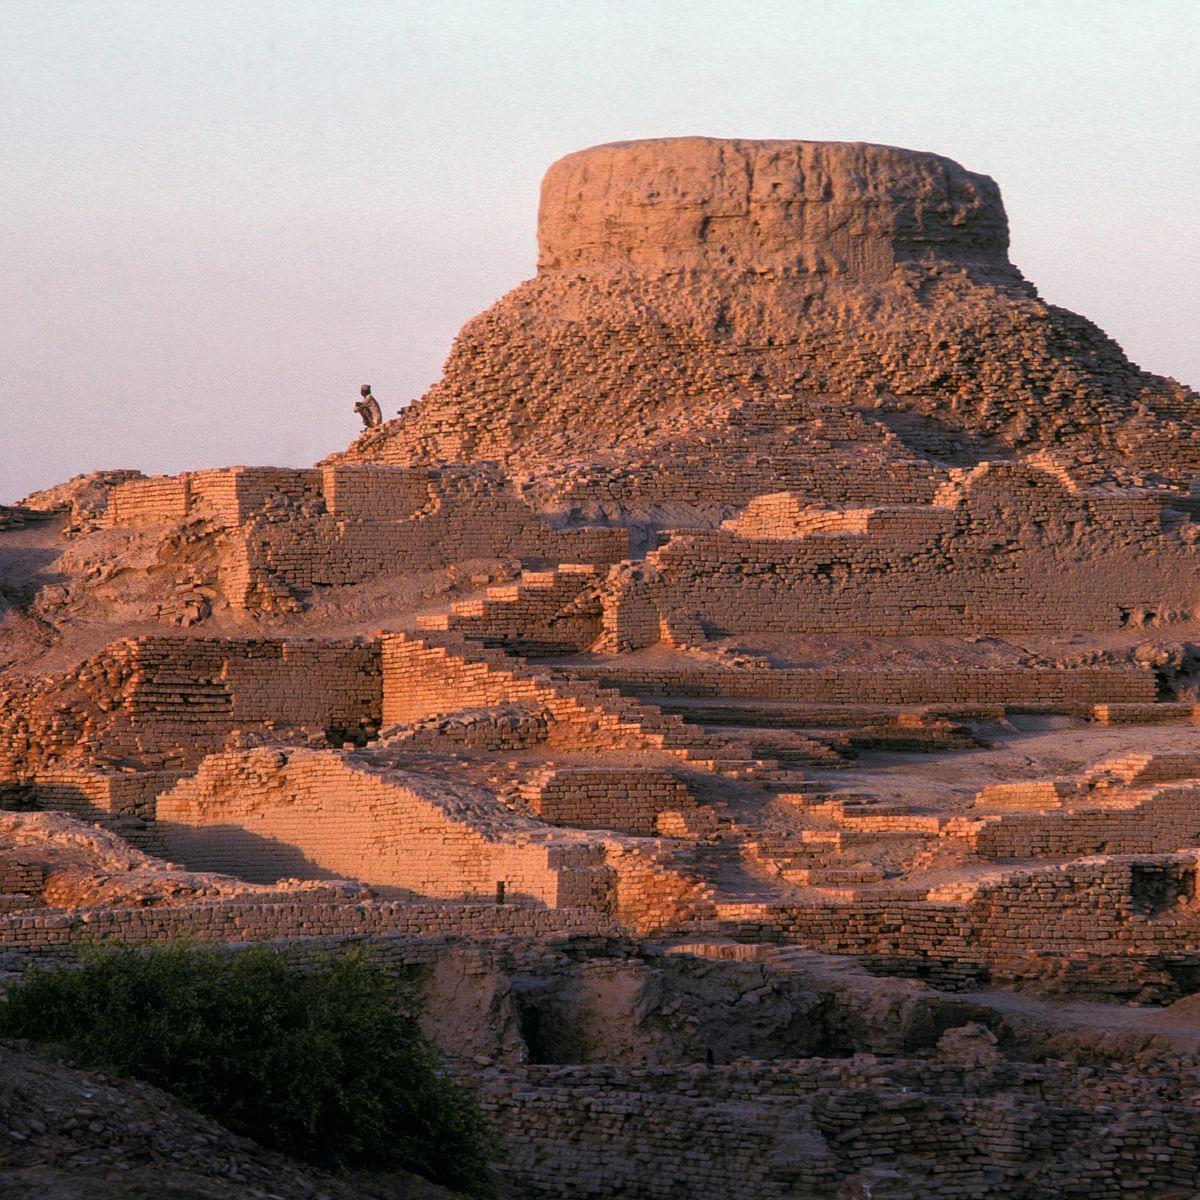 پاکستان: وادی سندھ میں موہن جودارو کے آثار قدیمہ کے مقام کا گڑھ / Getty Images